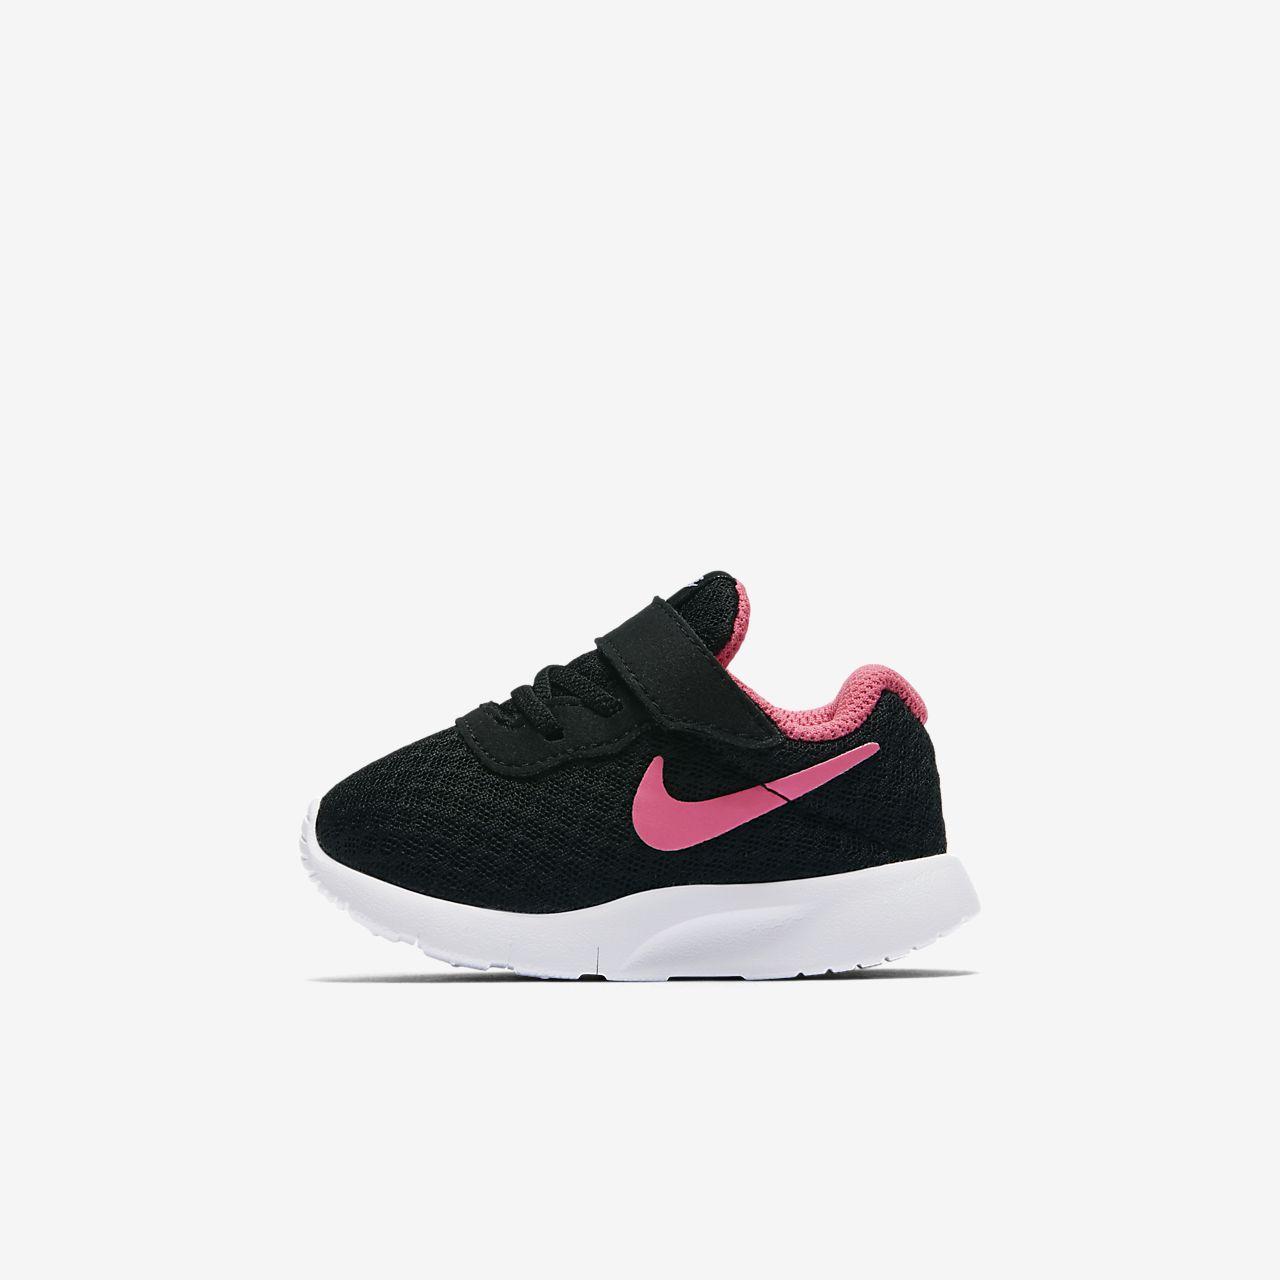 new styles 87565 de774 ... Sko Nike Tanjun för små barn (storlek 17–27)